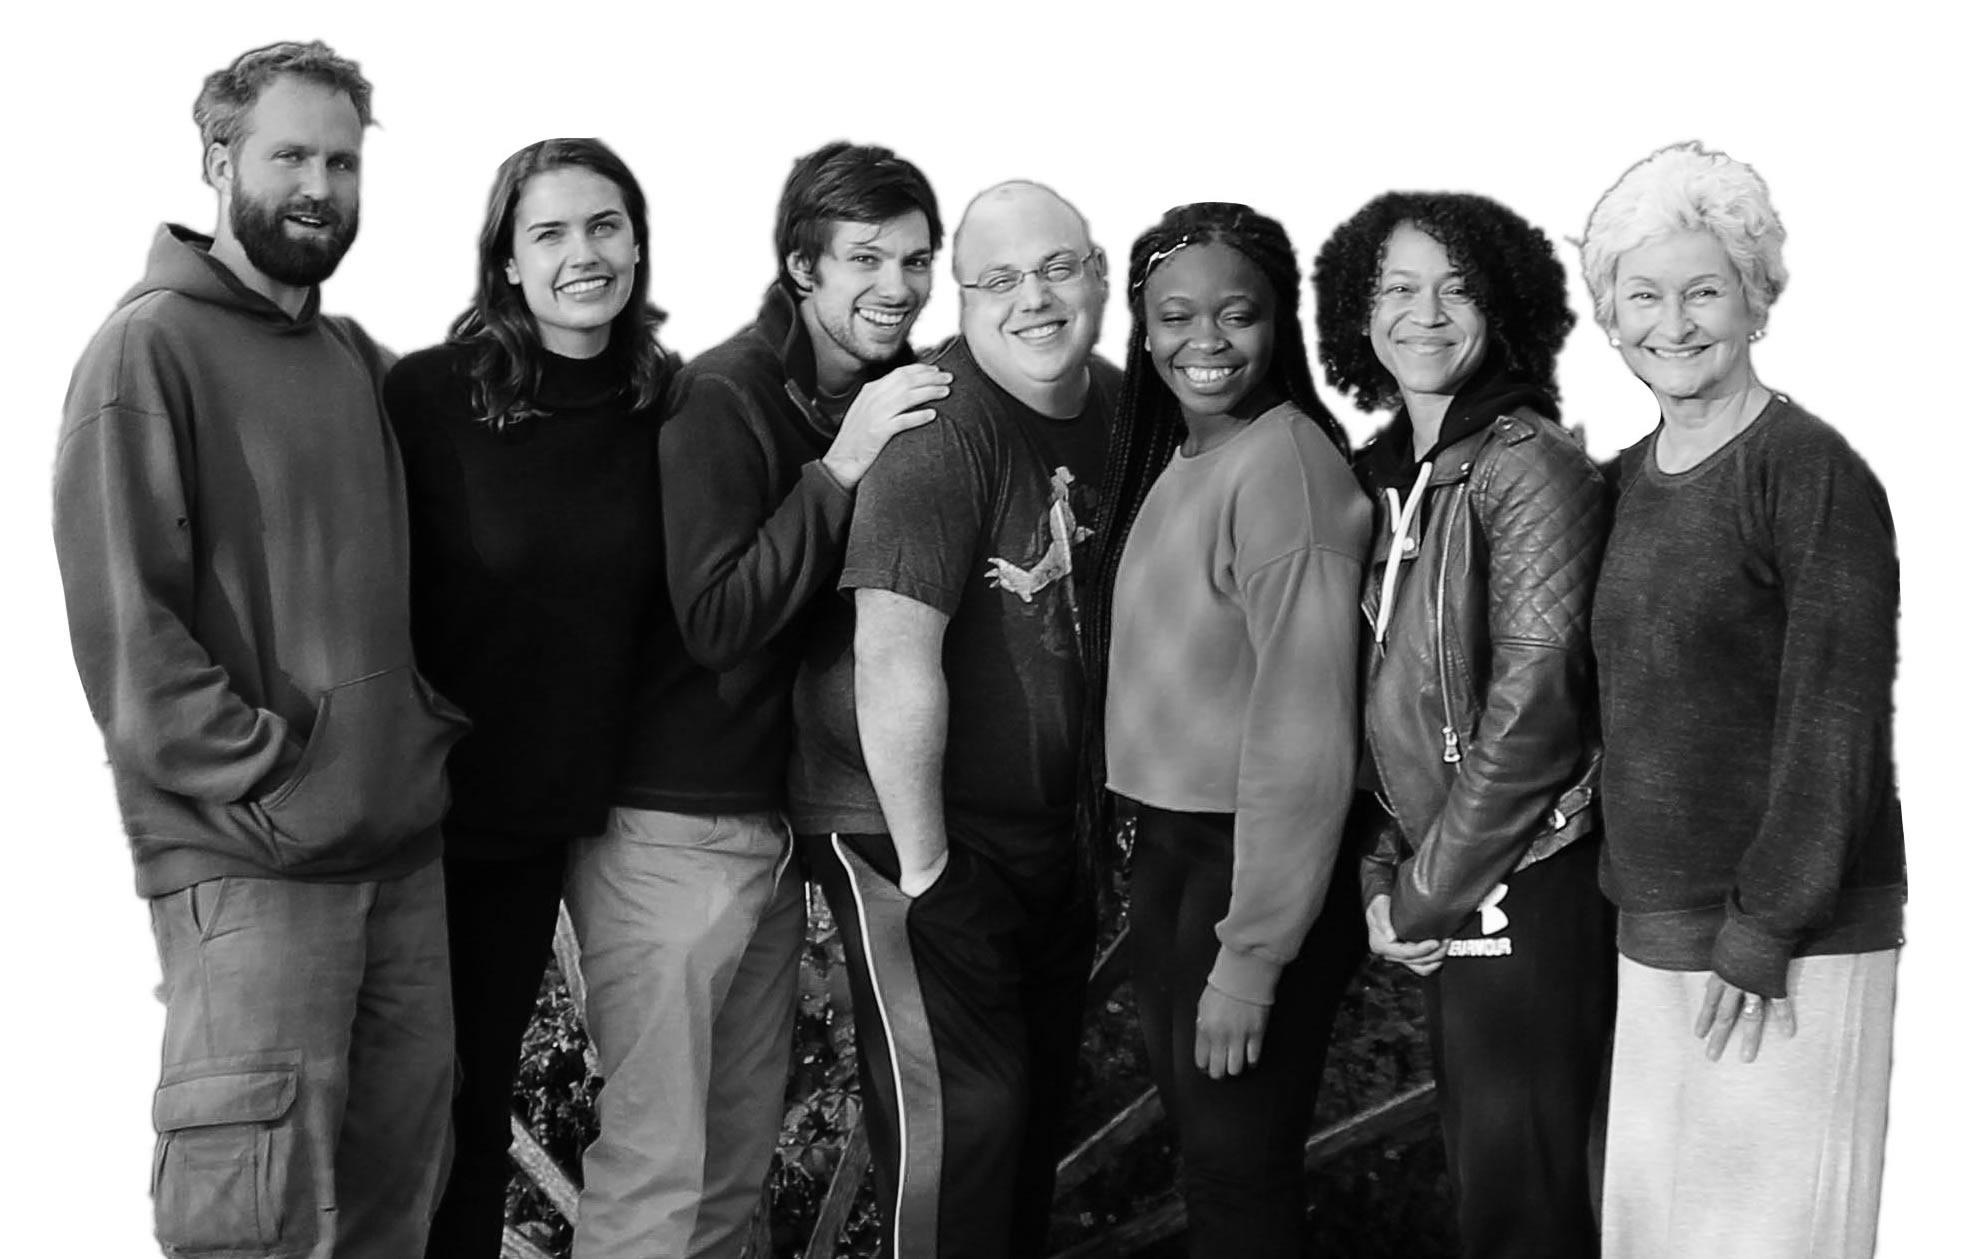 Cast : Travis Knapp, Natasha Bratkovski, Benno Ressa, Mike Cyr, Nicole Bethany Onwuka, Sylvie Yntema, Kristin Sad